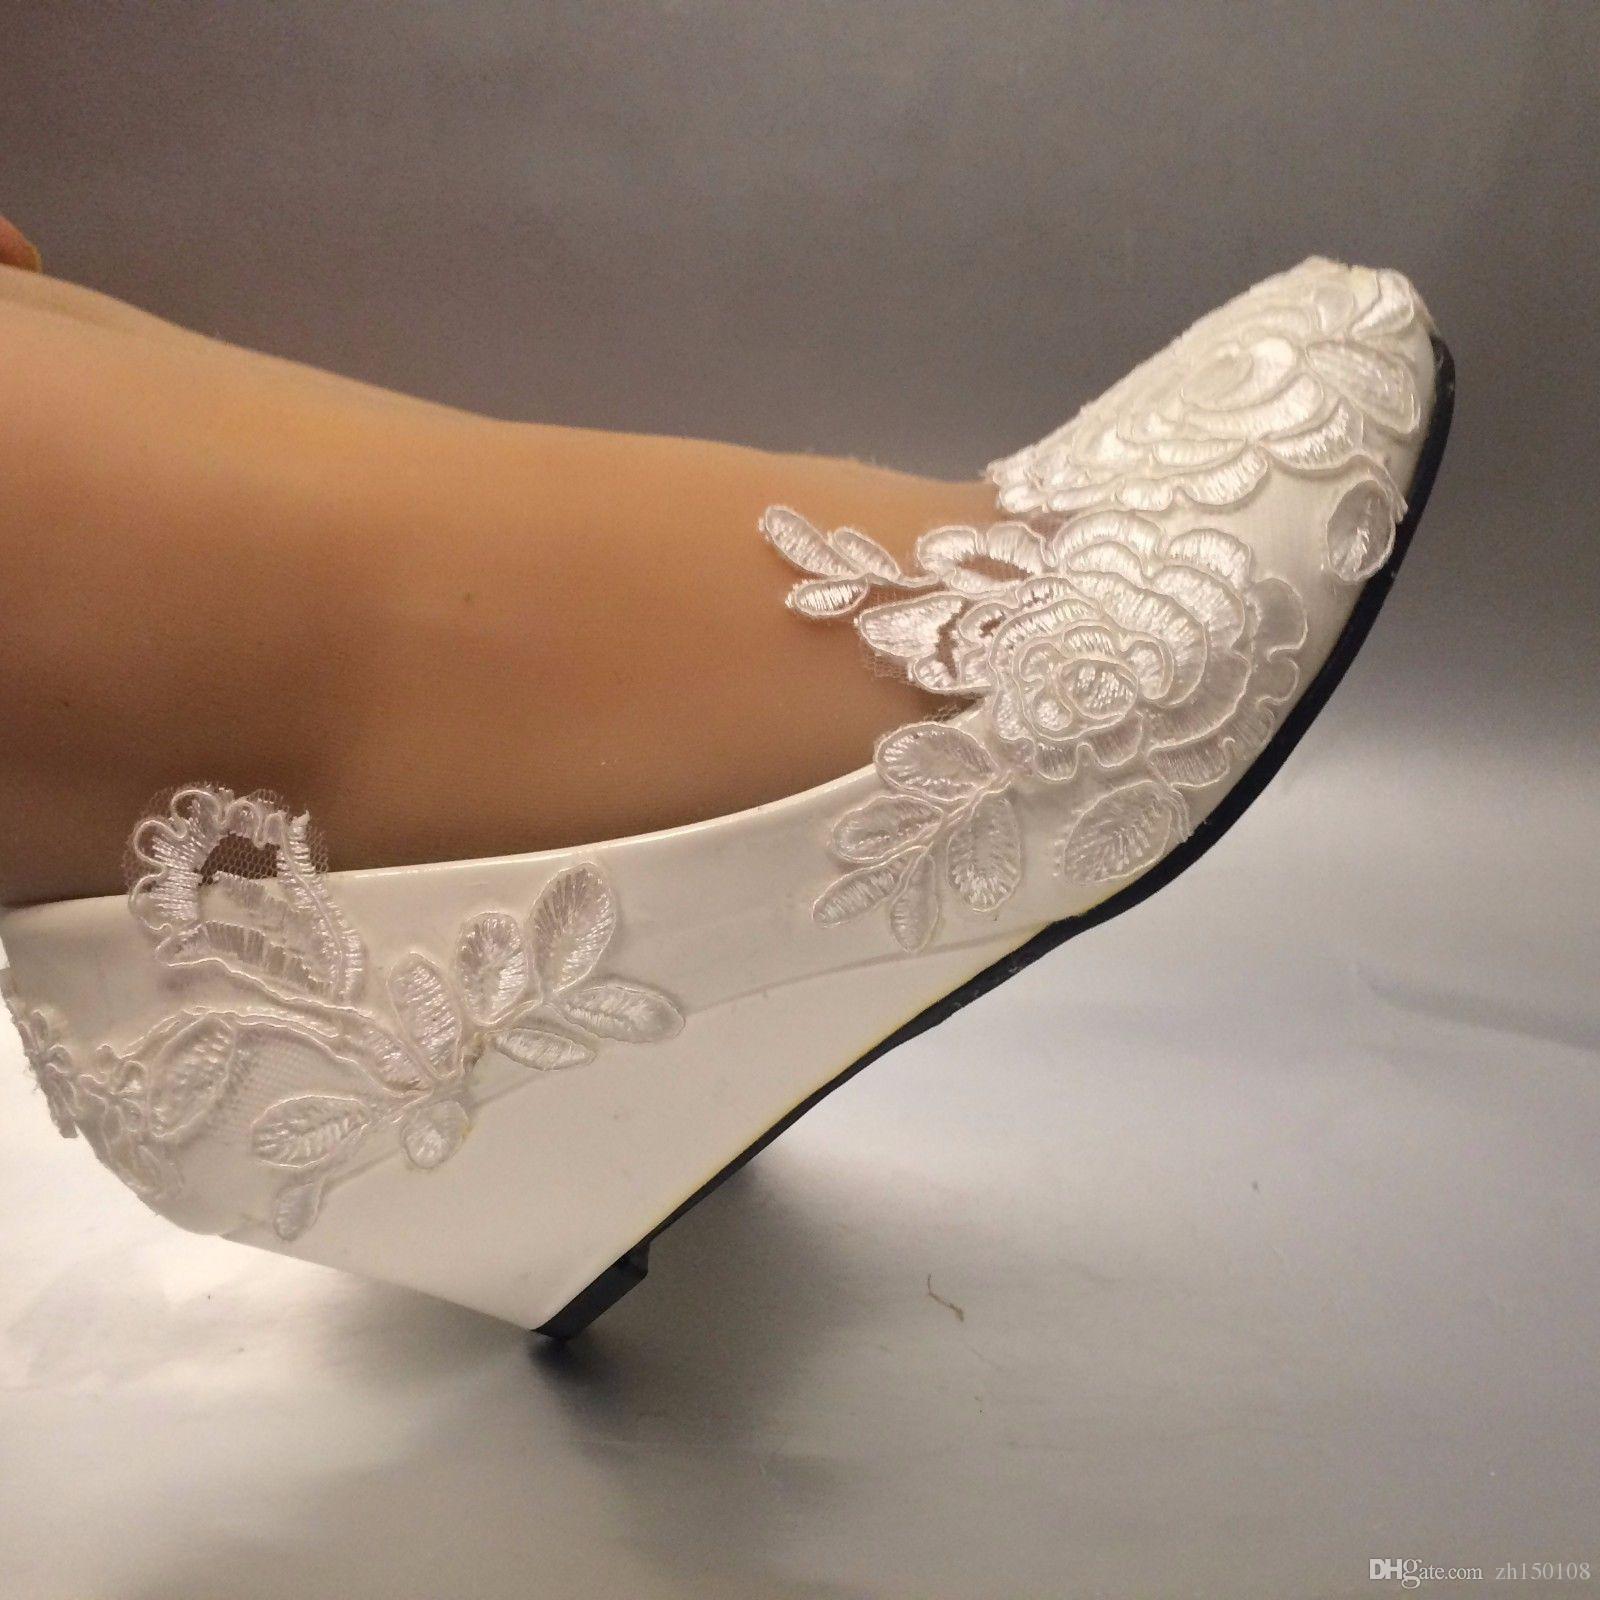 Compre Encaje Blanco Marfil Claro Zapatos De Boda Planos Tacones Altos  Tacones Nupciales Talla 5 12 A  31.04 Del Zh150108  87d740fd08a6